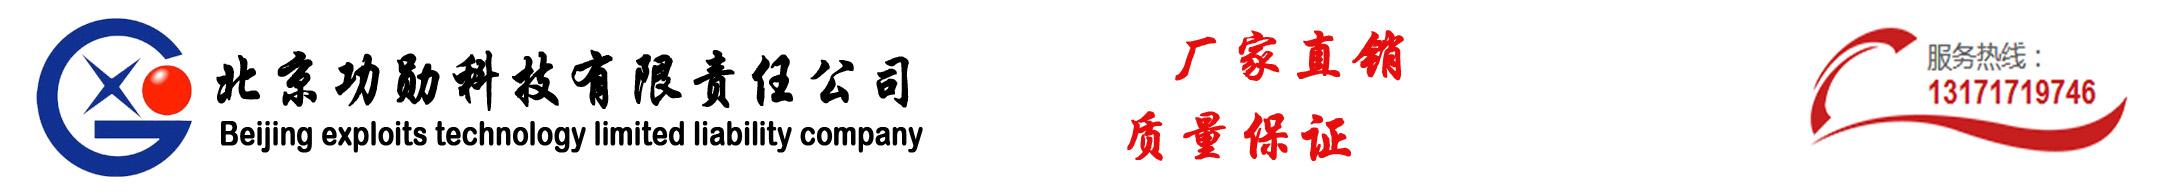 北京功勋科技有限责任公司